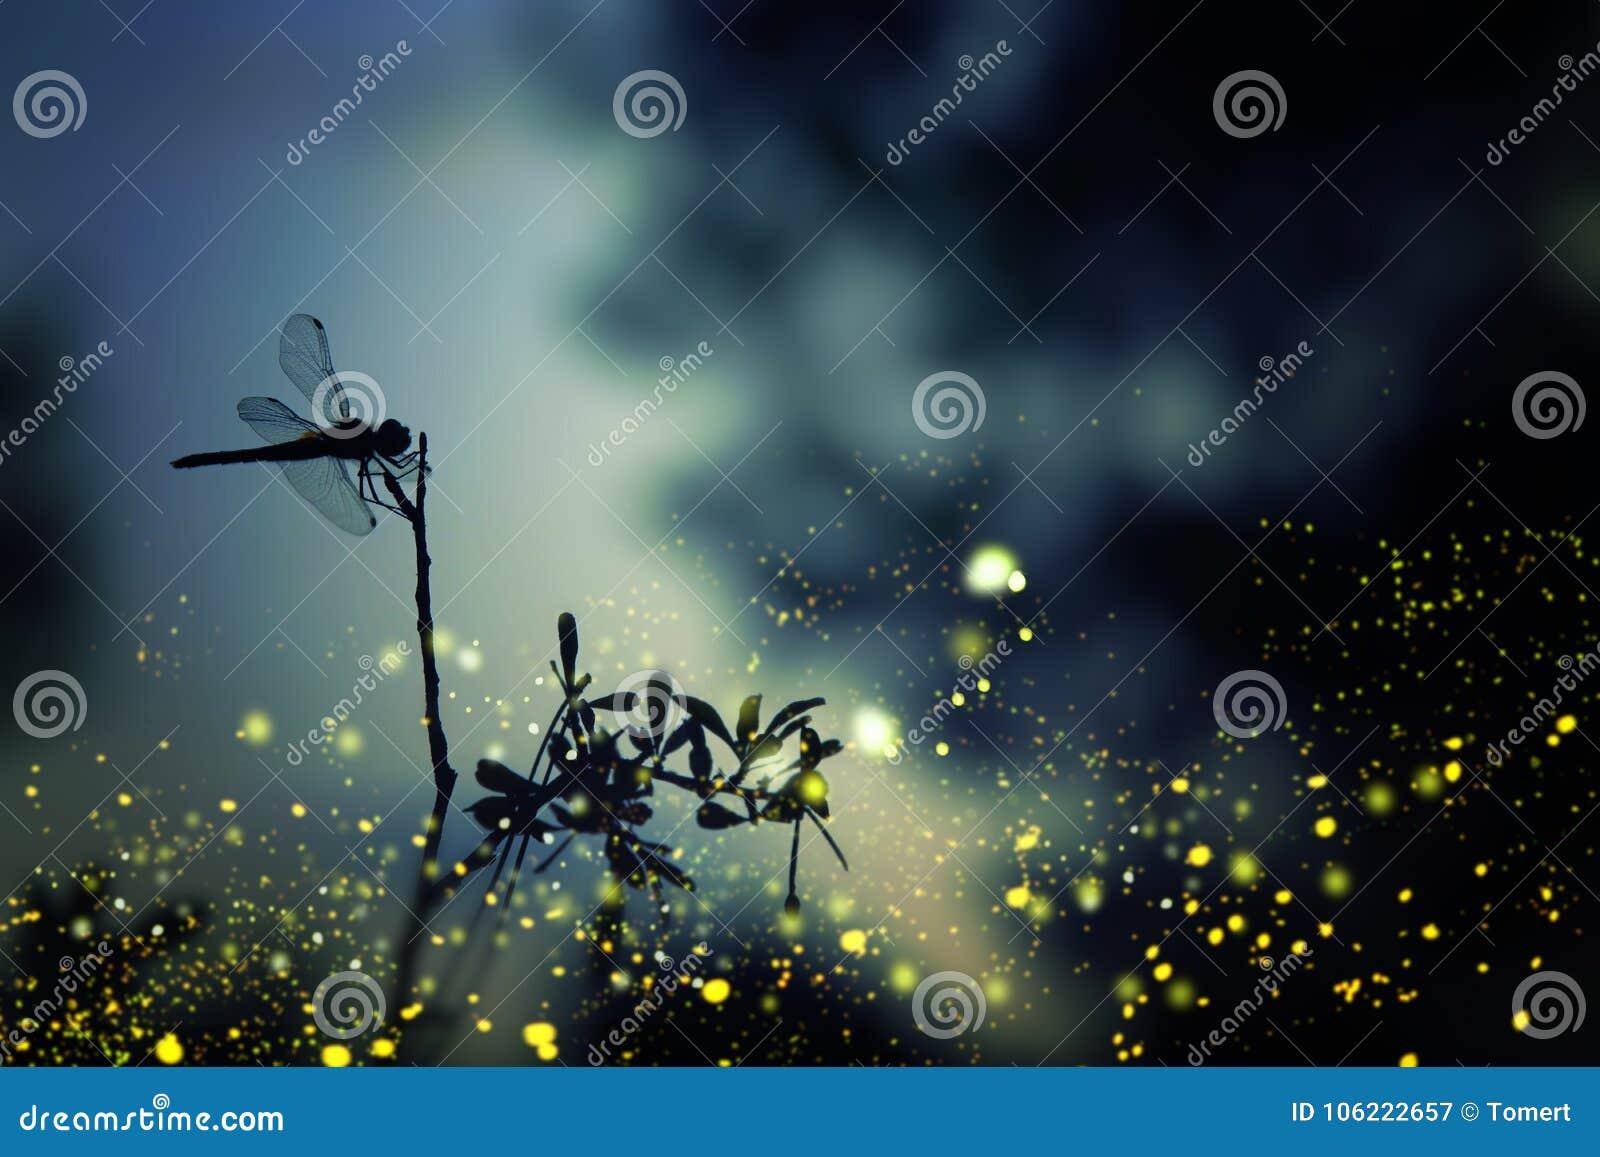 Imagem abstrata e mágica da silhueta da libélula e do voo do vaga-lume no conceito do conto de fadas da floresta da noite